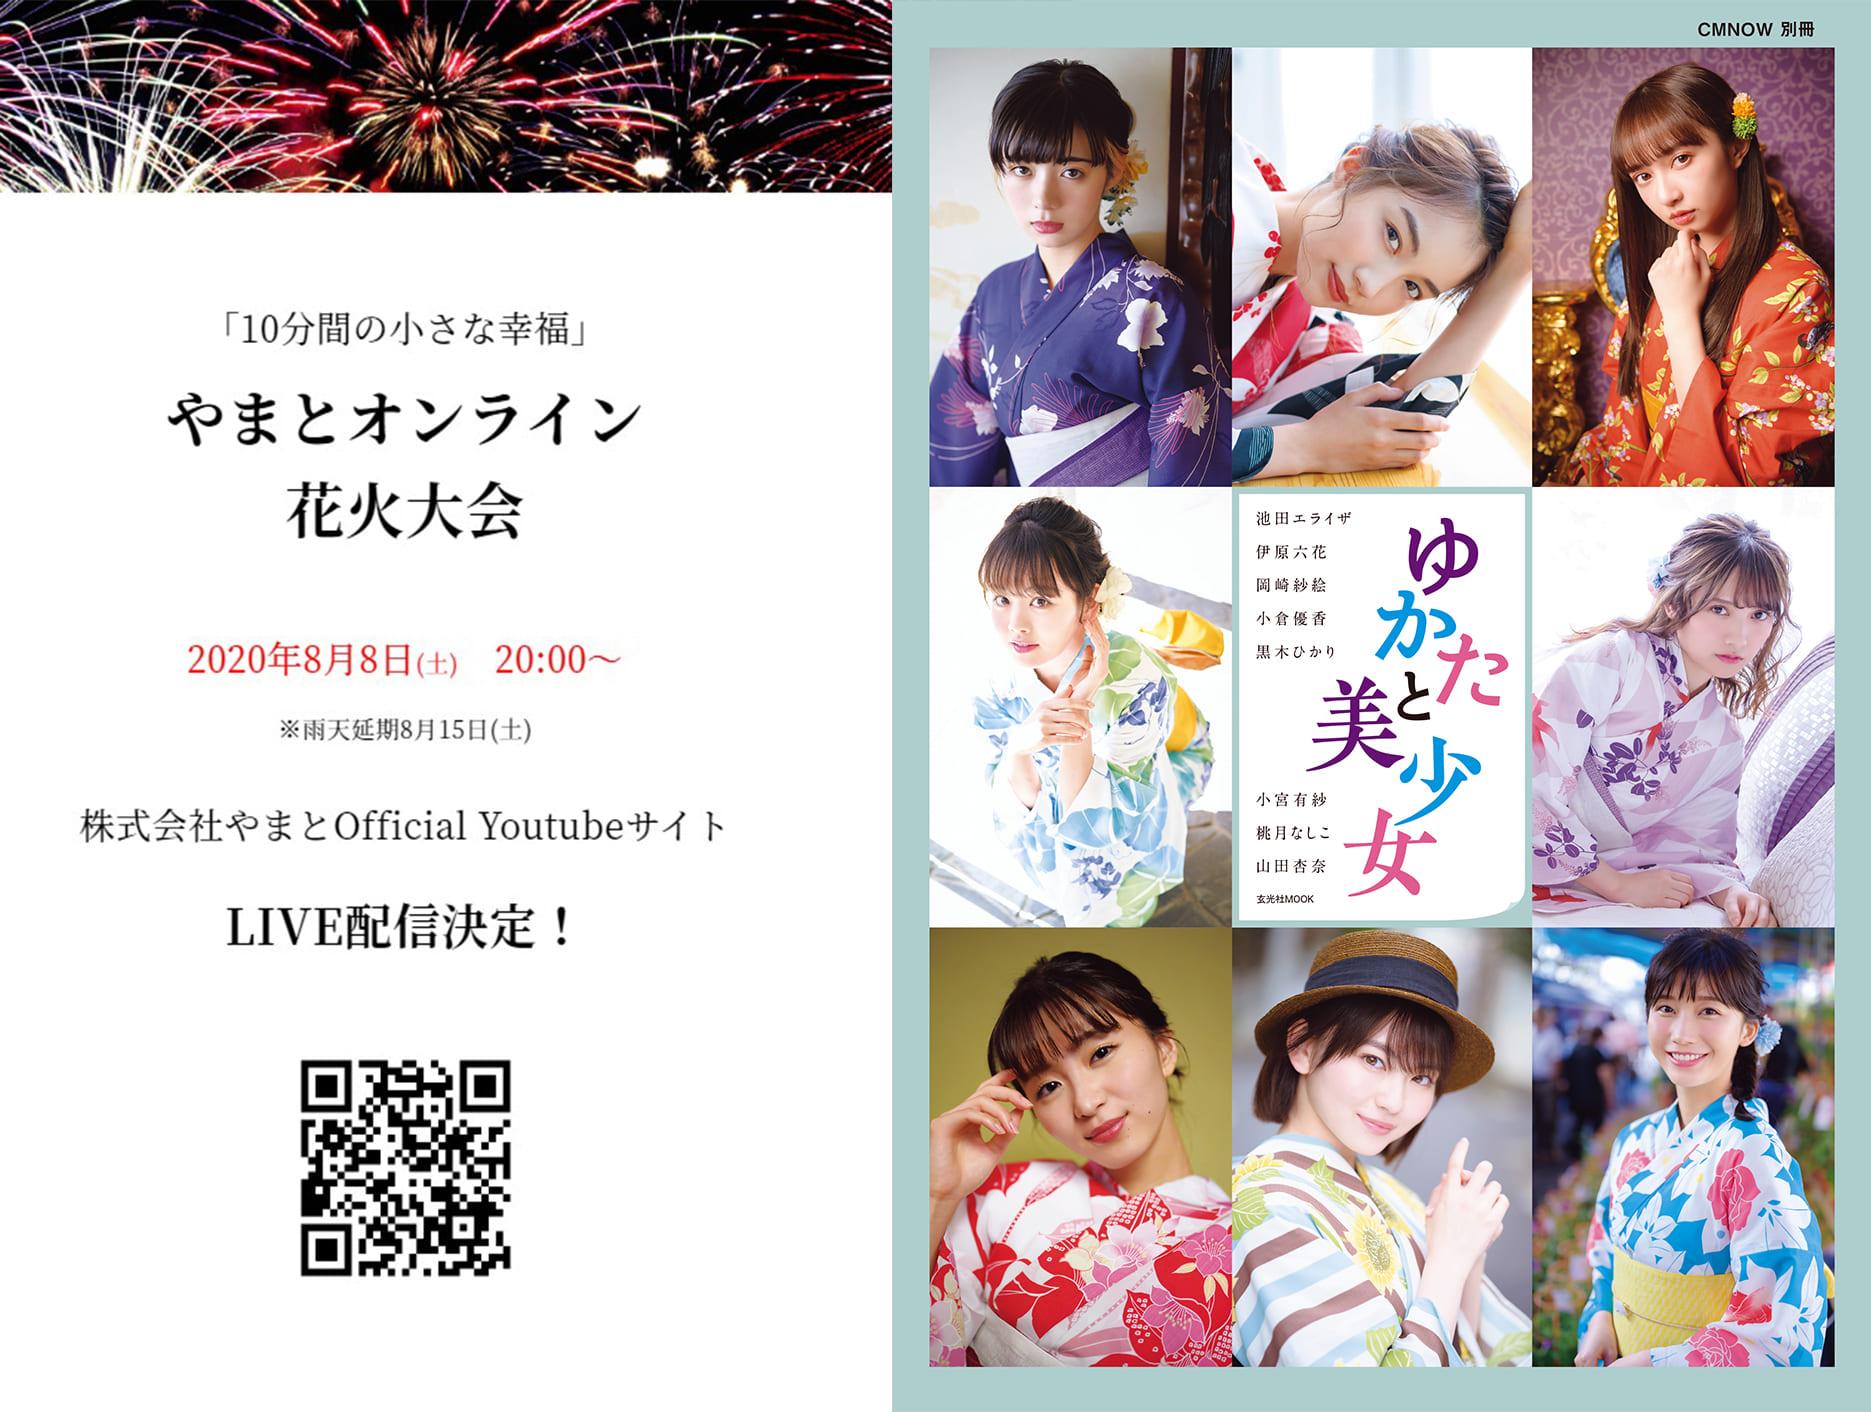 「ゆかたと美少女」衣装協力の「きものやまと」が8月8日にオンライン花火大会開催!